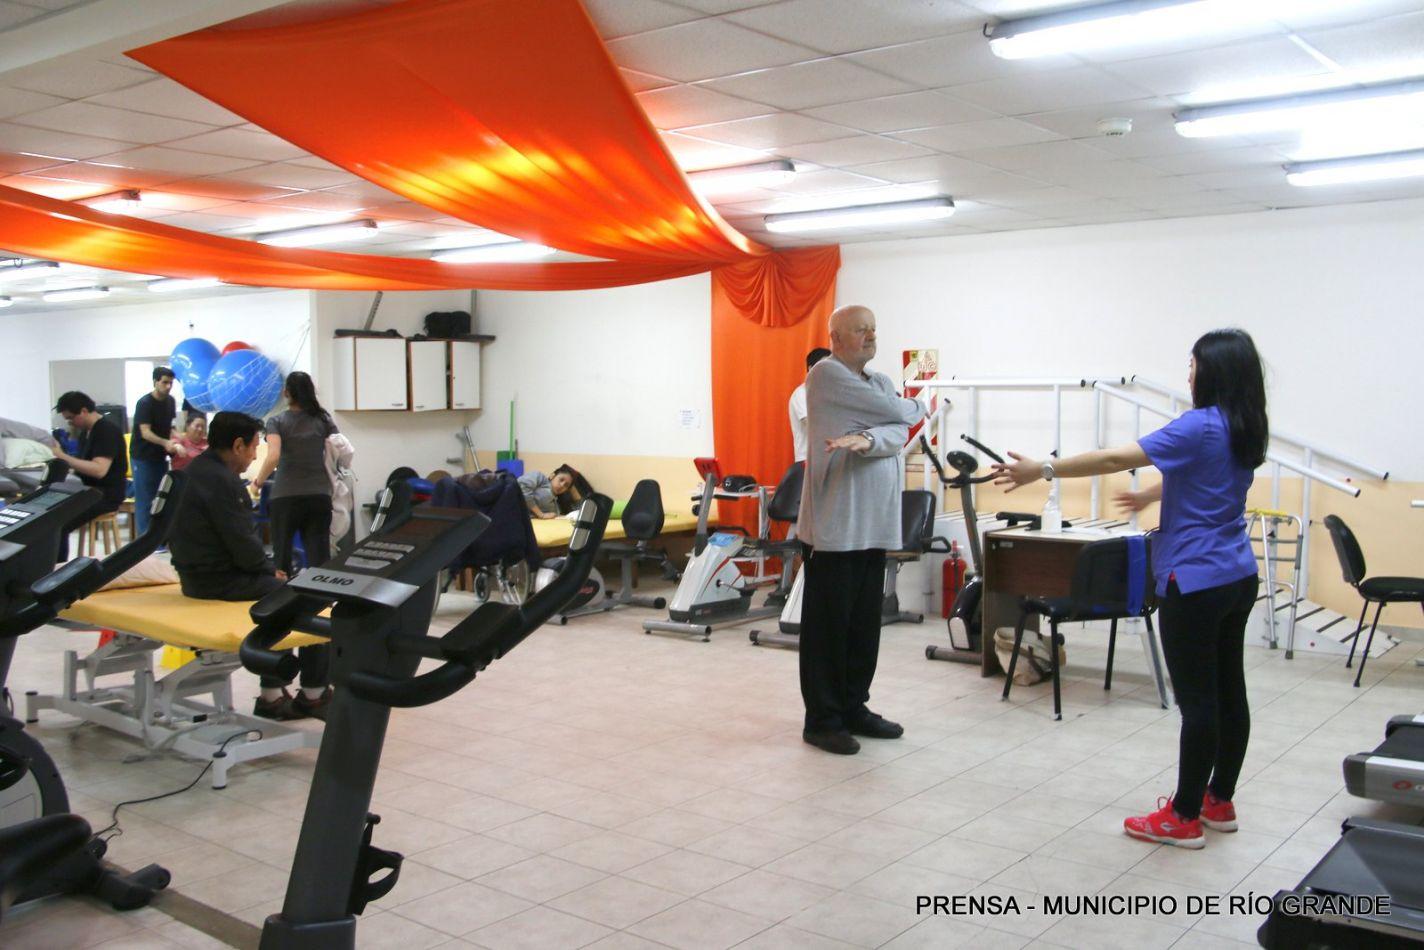 Centro de Rehabilitación Mamá Margarita vestida de naranja